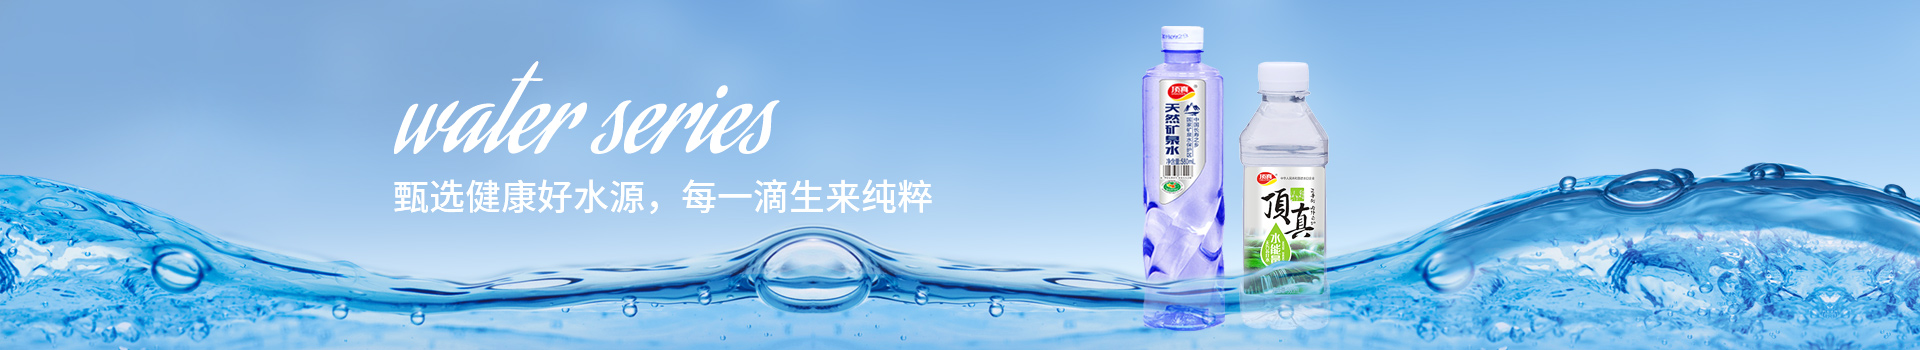 甄选健康好水源,每一滴生来纯粹